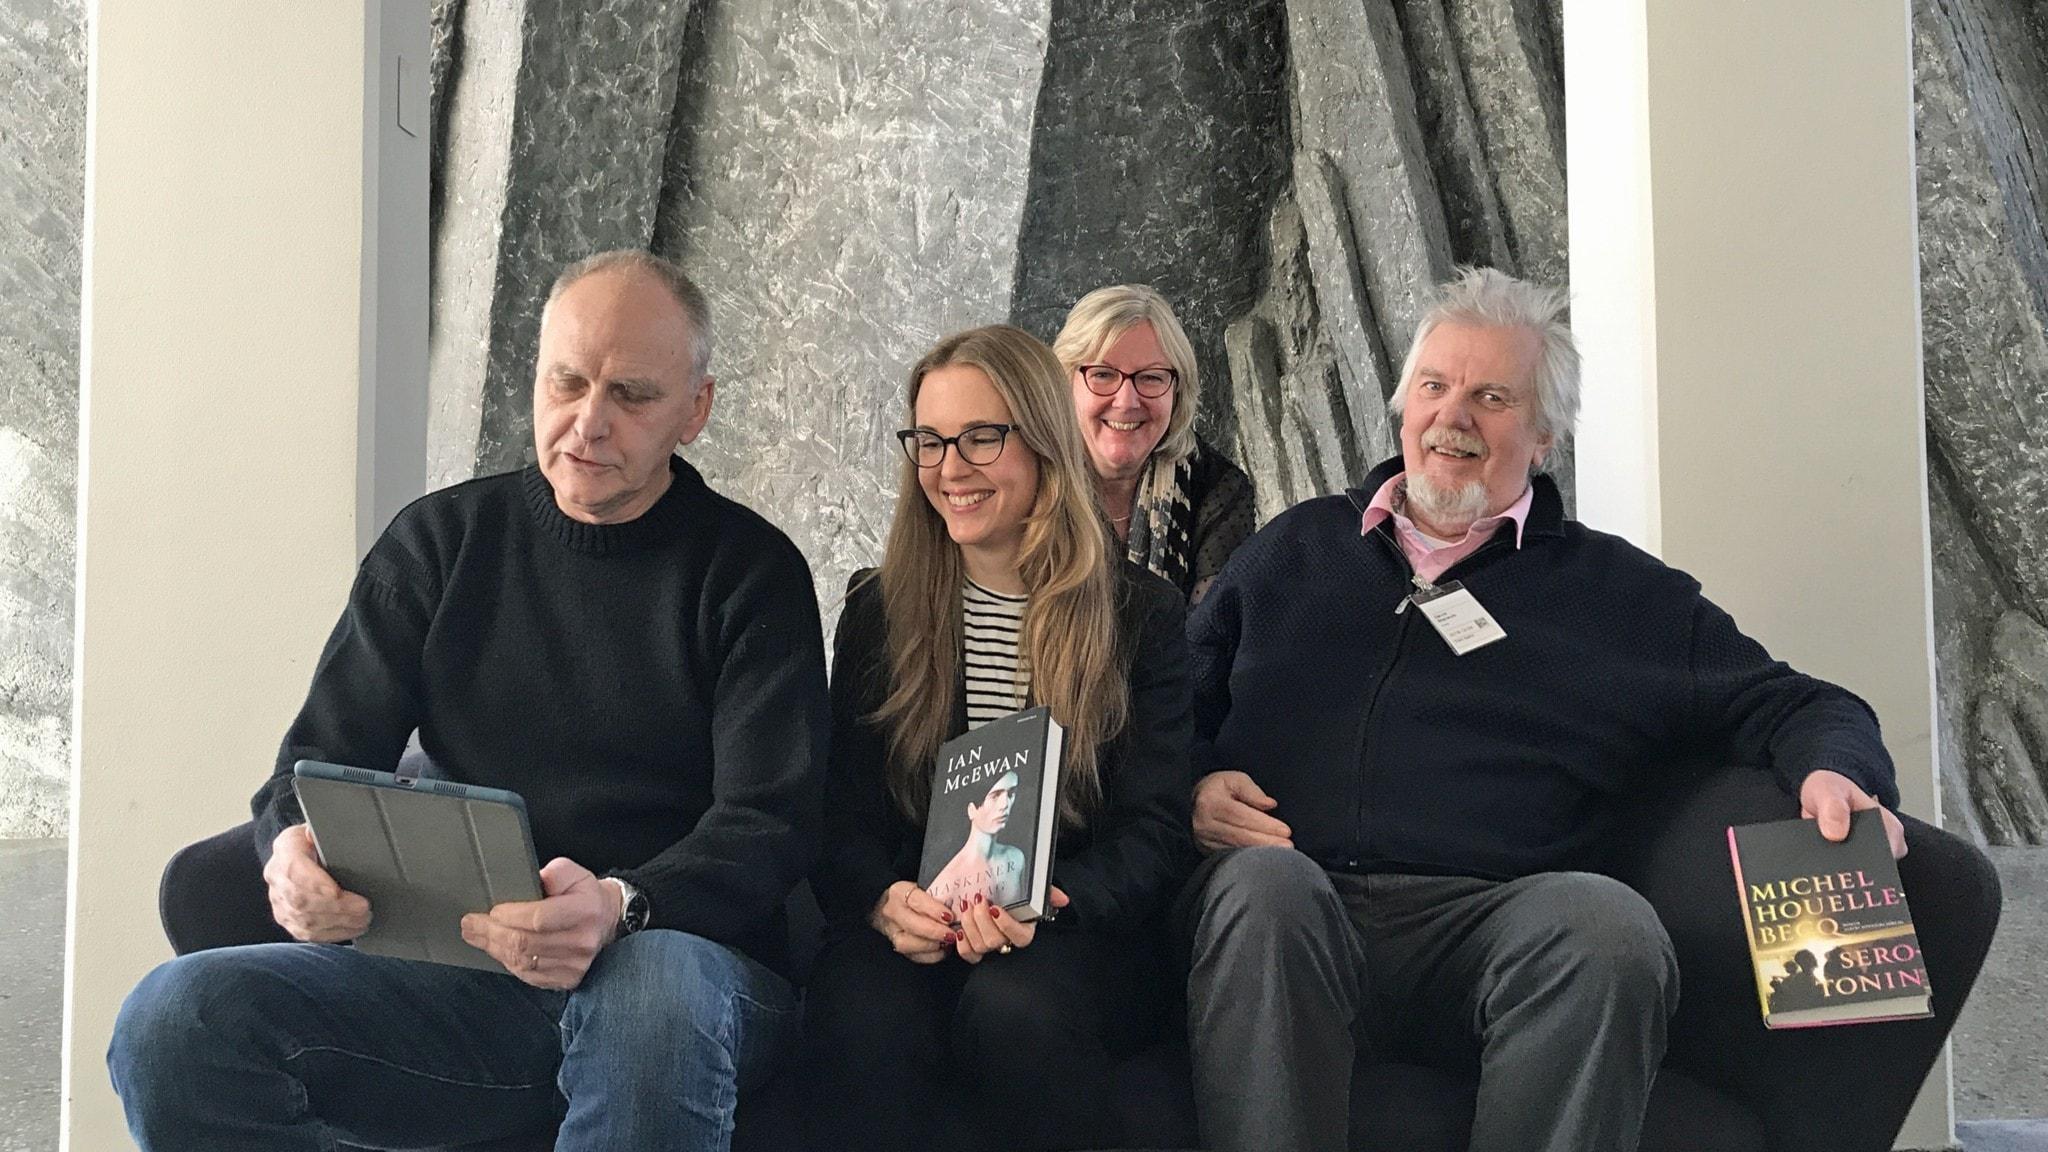 Filosofiska rummets bokprat med Staffan Carlshamre, Martina Stenström, Tithi Hahn och David Stansvik.